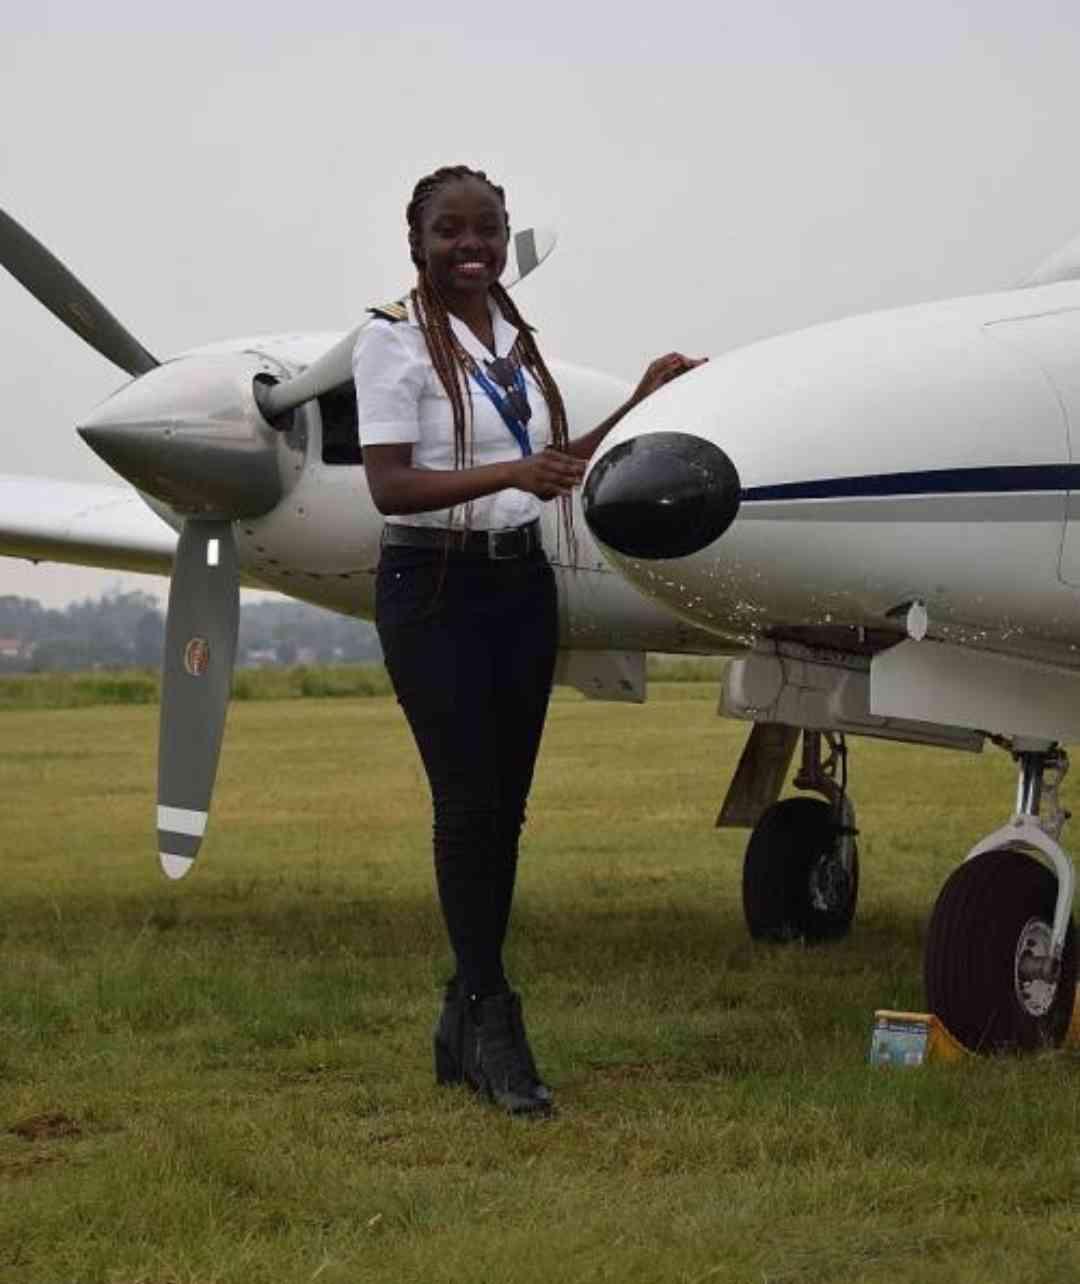 Pilot posing with aircraft